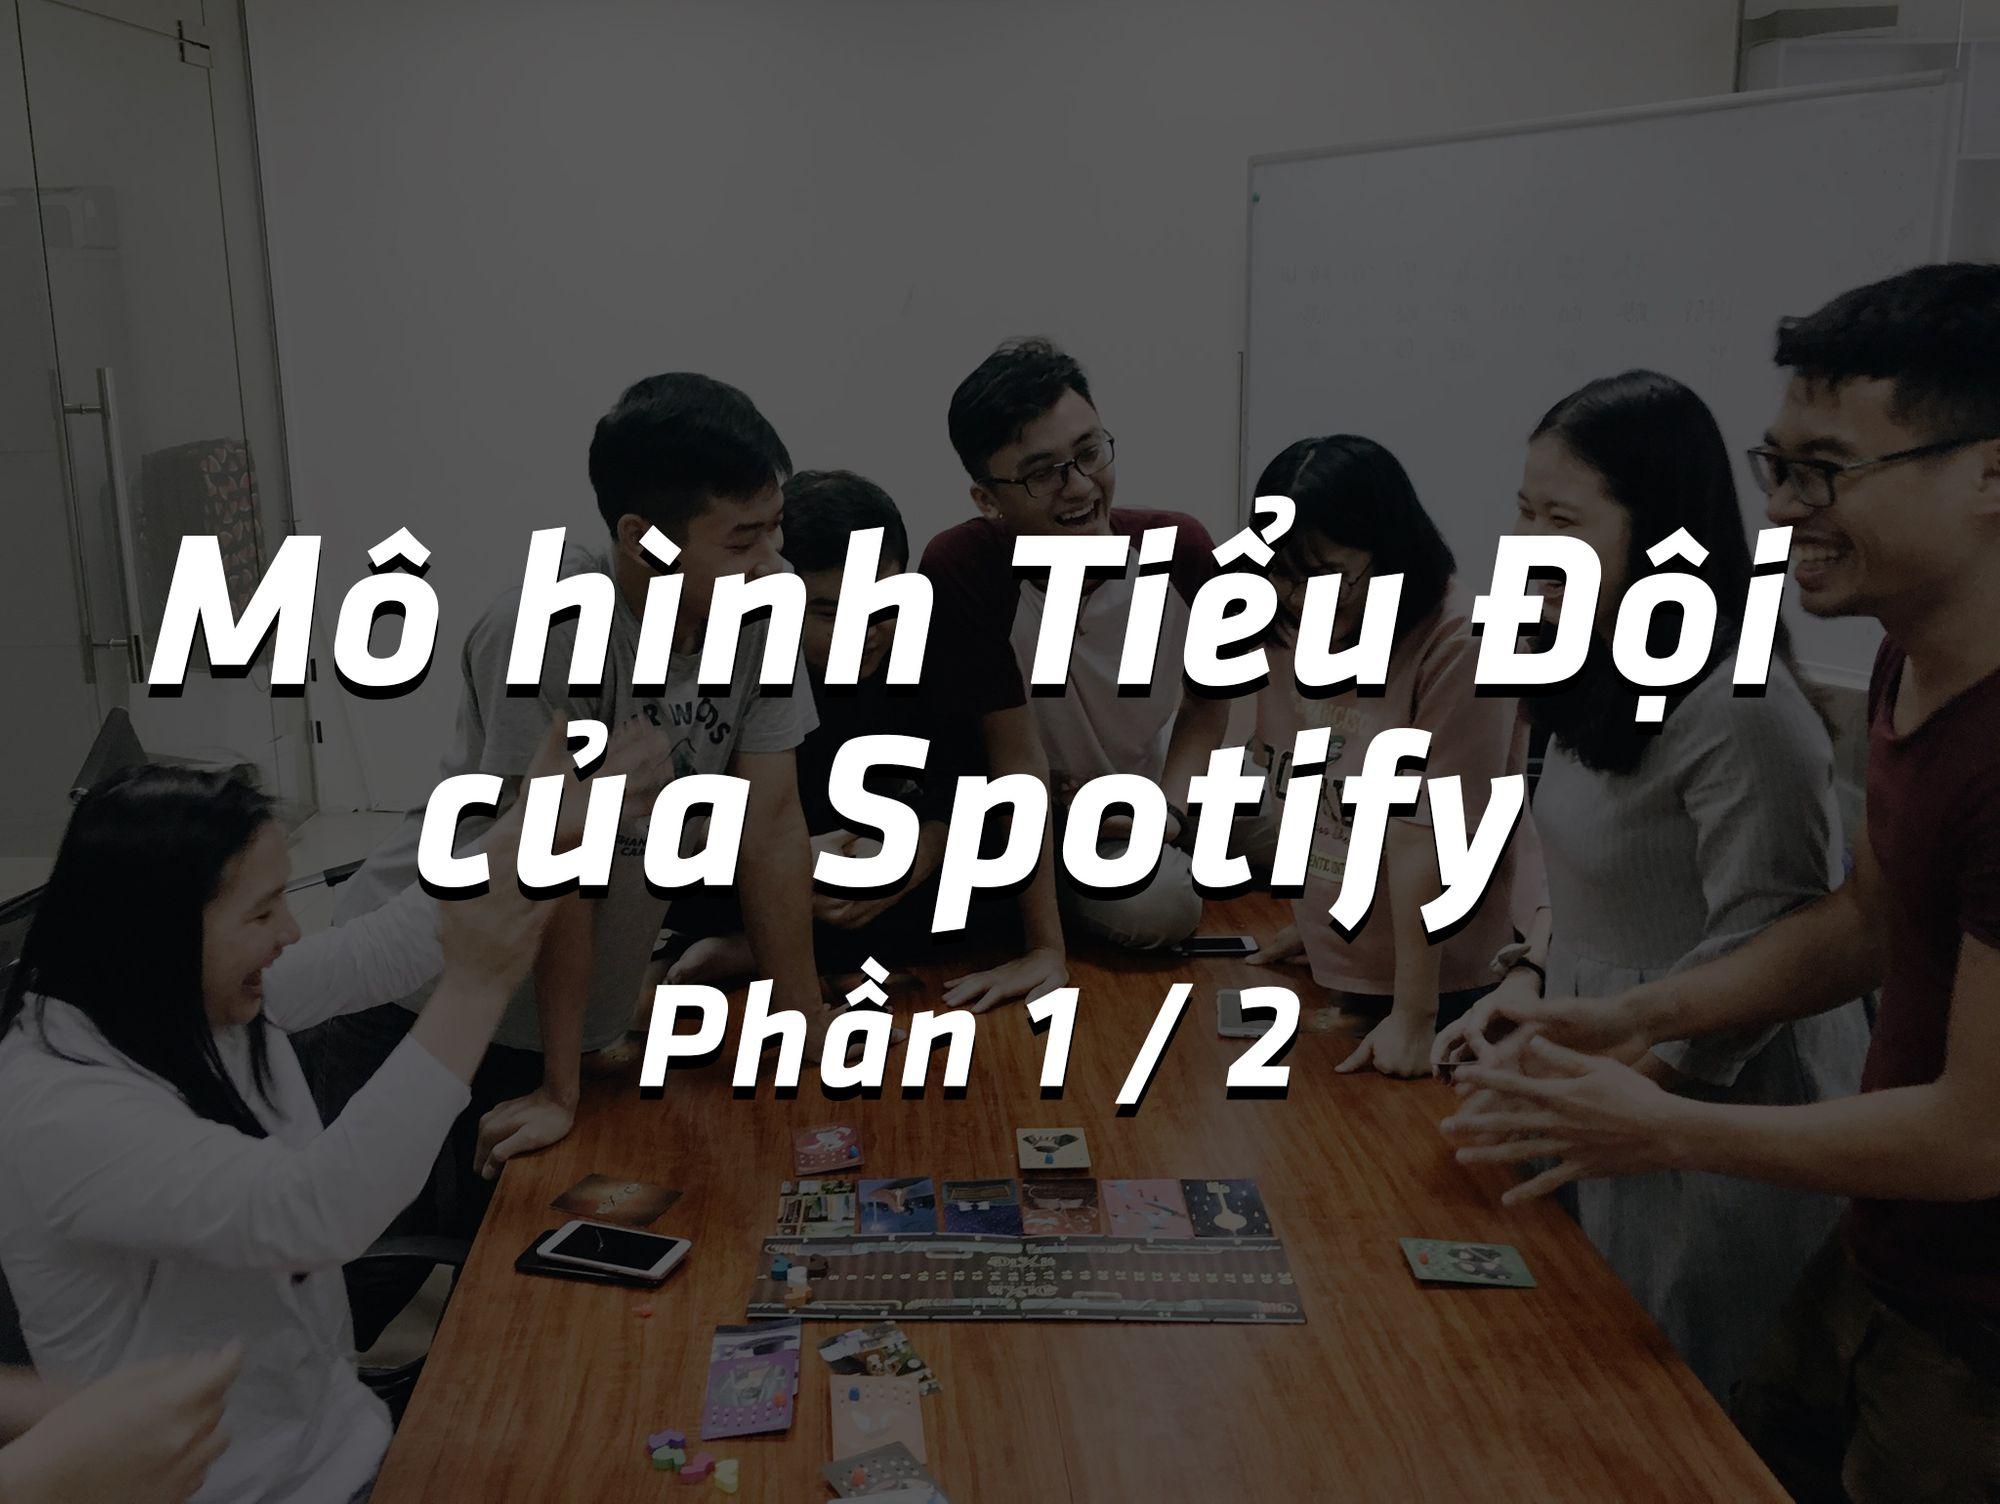 Mô hình Tiểu Đội của Spotify - phần 1